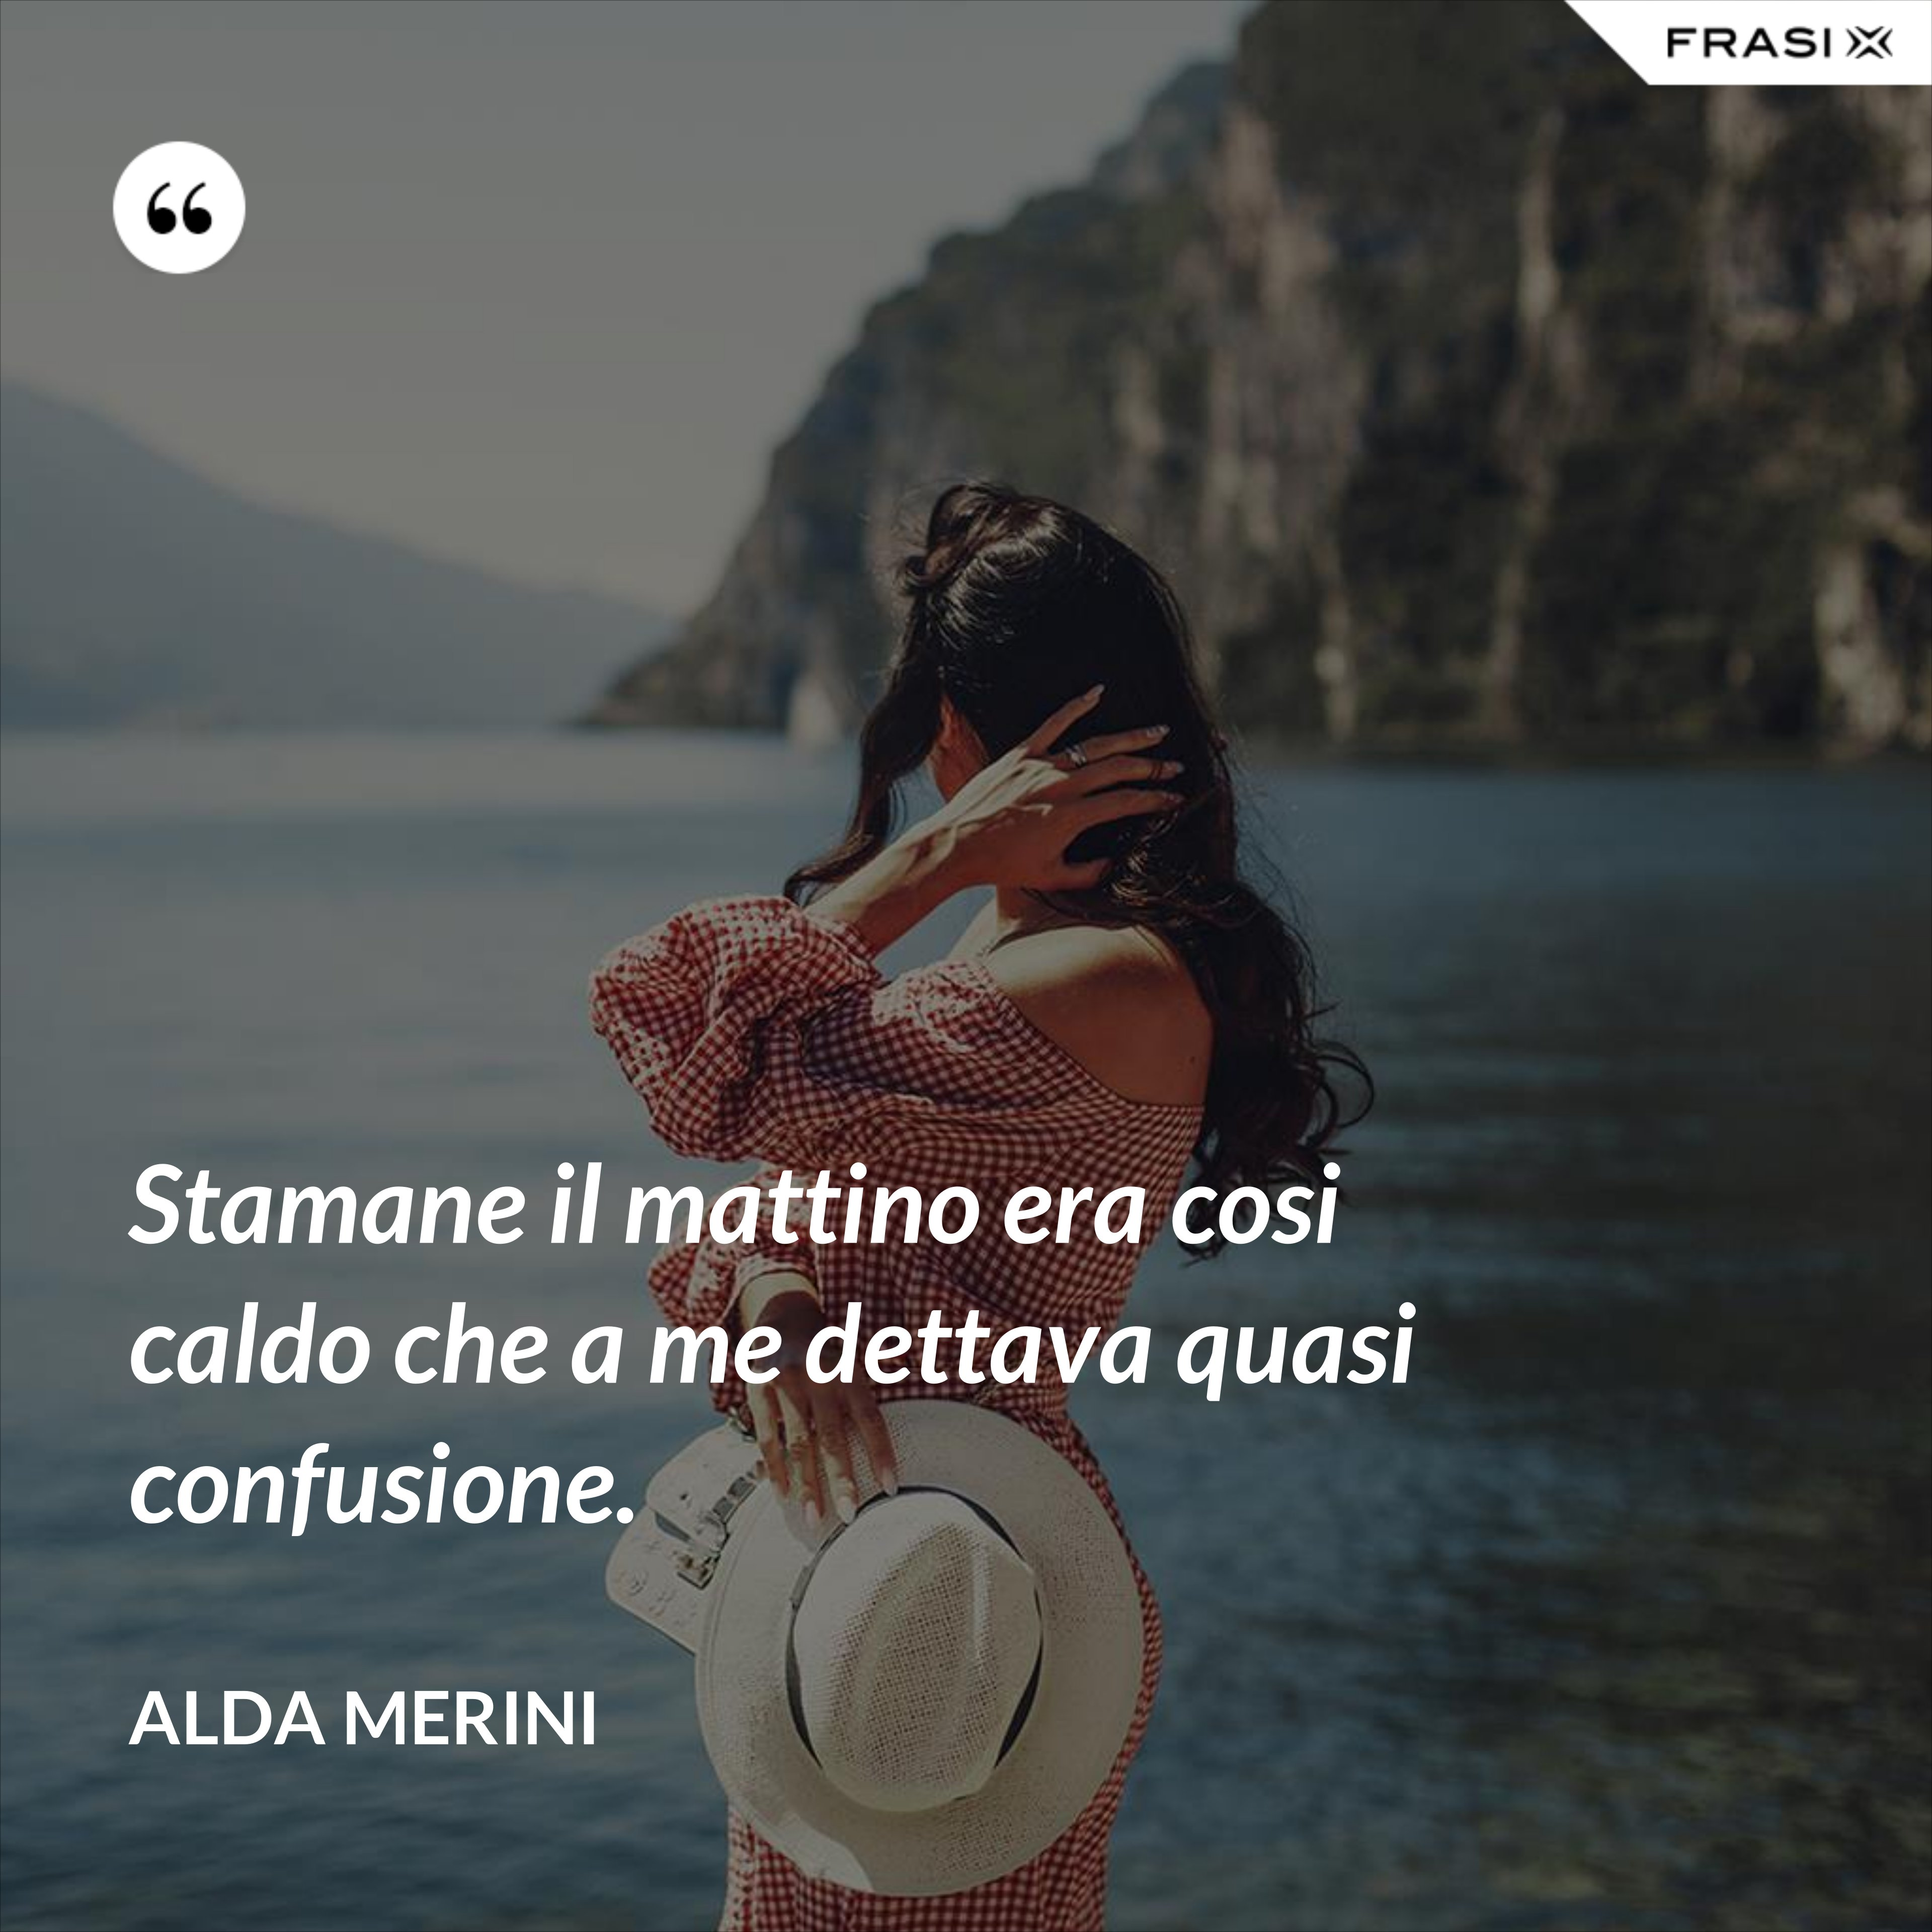 Stamane il mattino era cosi caldo che a me dettava quasi confusione. - Alda Merini